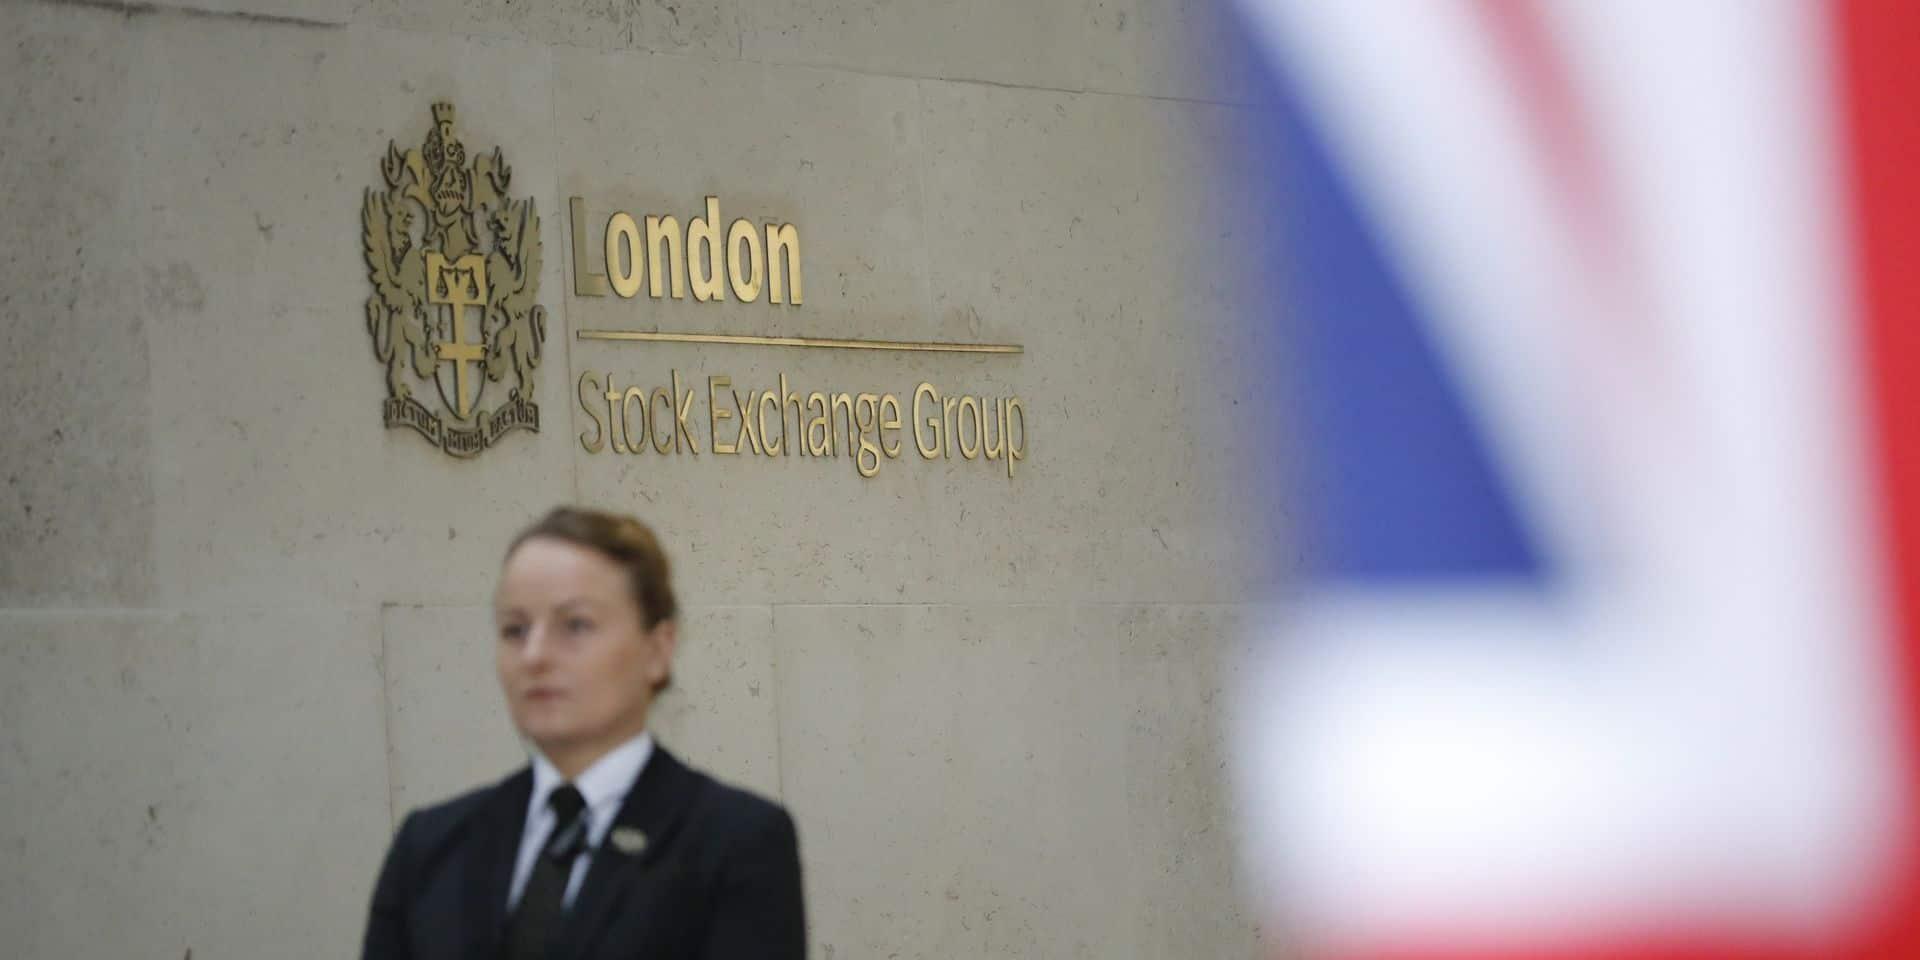 Rachat de la Bourse de Londres par la Bourse de Hong Kong: compliqué mais pas illogique